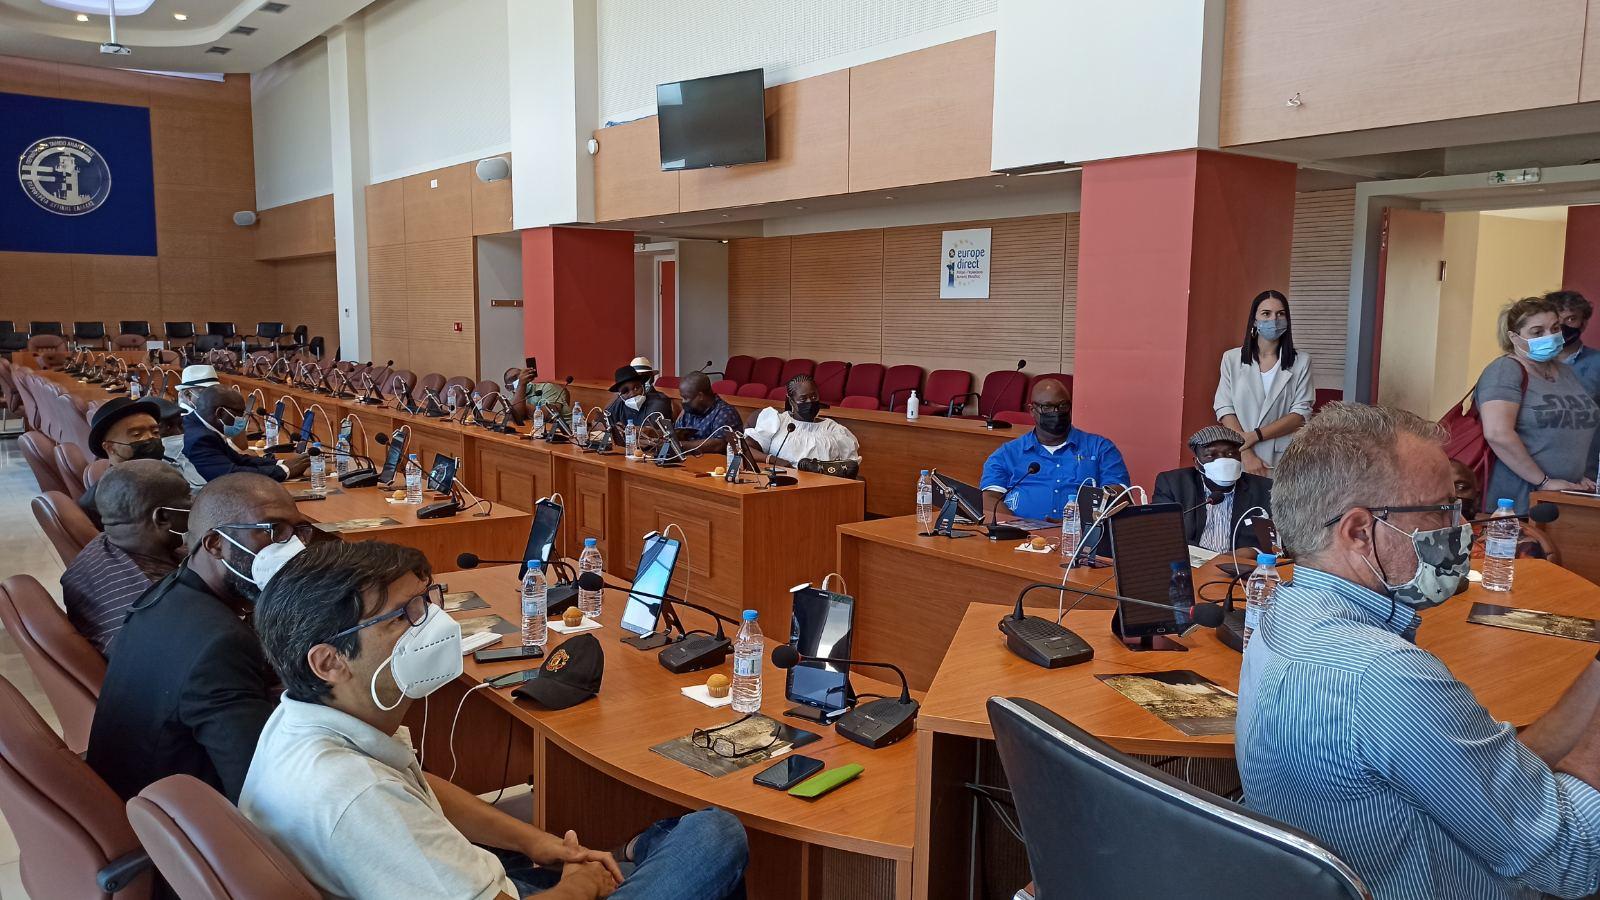 Νιγηριανή αντιπροσωπεία στην Περιφέρεια Δυτικής Ελλάδας για την ανάπτυξη συνεργασίας στον τομέα των υδατοκαλλιεργειών